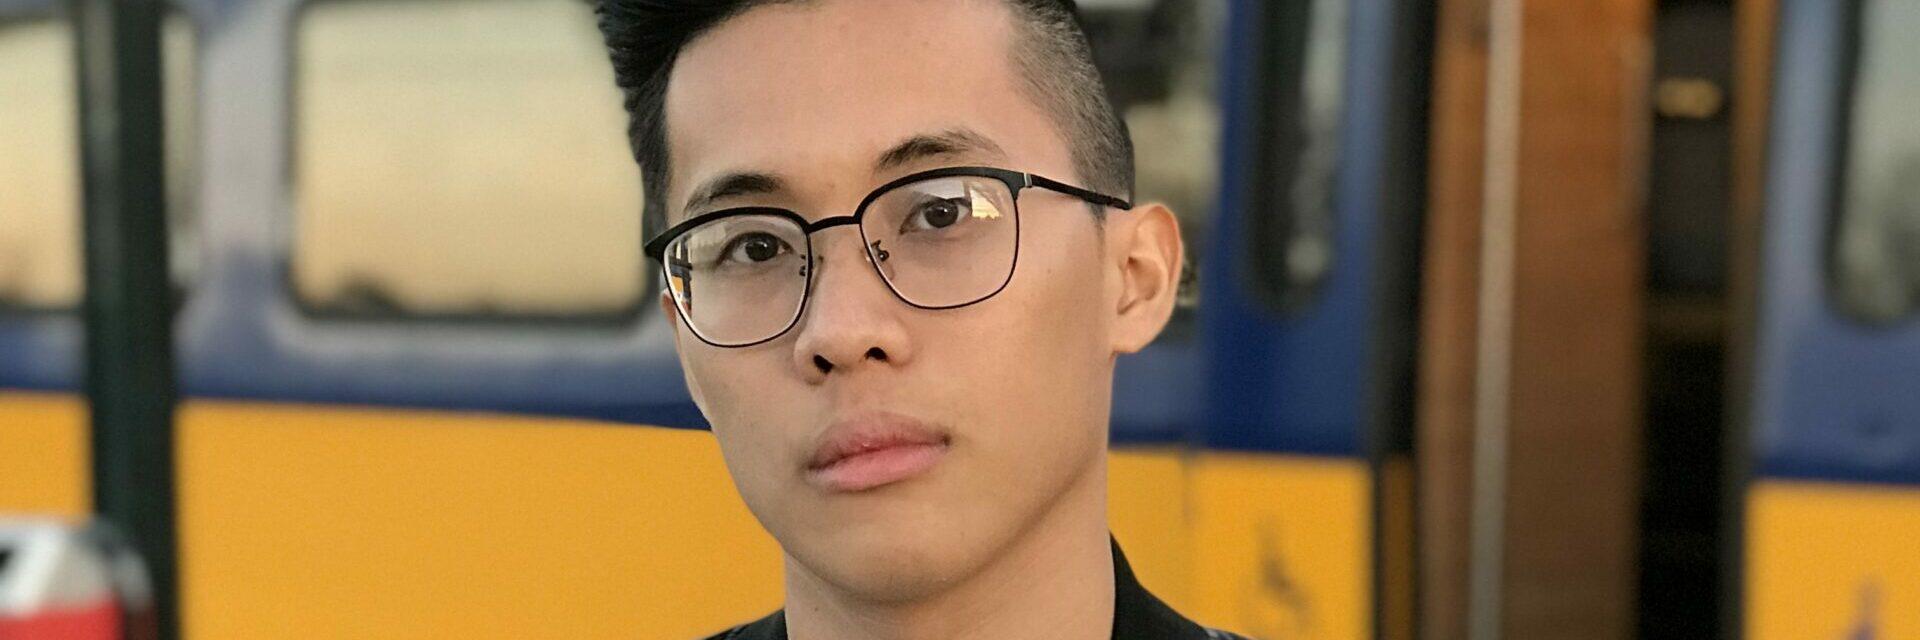 Op de foto zie je Hai Hoang op een Nederlands perron. Hij is een van de studenten die onderzicht heeft hoe je De Afsluitdijk beter op de kaart kunt zetten in het buitenland.